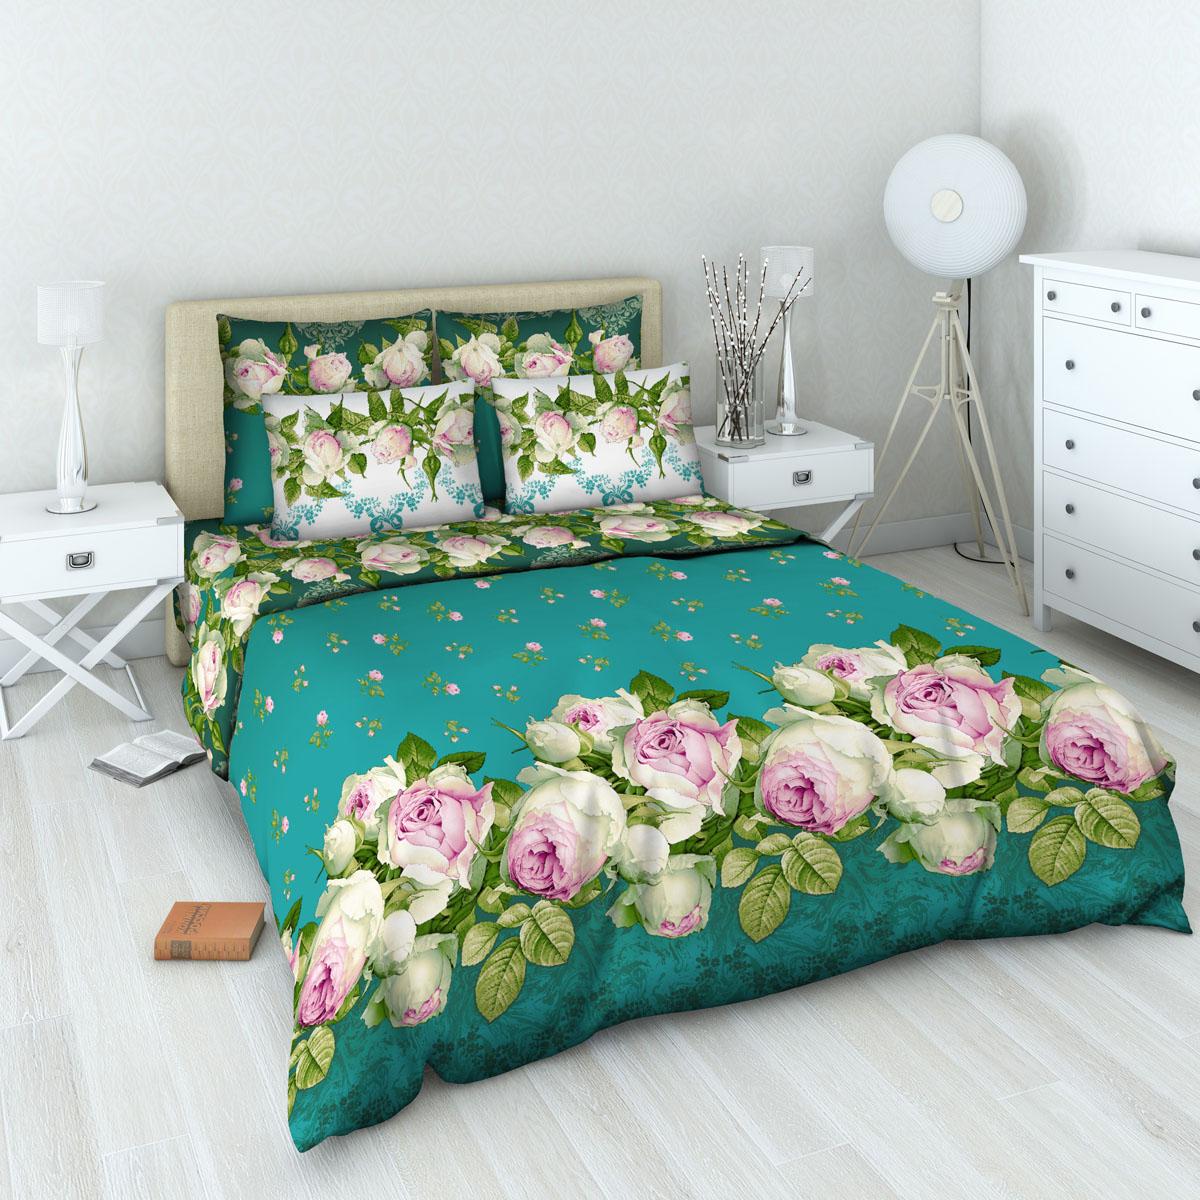 Комплект белья Василиса Французский аромат, 1,5-спальный, наволочки 70х7010503Комплект постельного белья Василиса Французский аромат состоит из пододеяльника, простыни и двух наволочек. Дизайн - цветочный. Белье изготовлено из бязи (100% хлопка) - гипоаллергенного, экологичного, высококачественного, крупнозакрученного волокна, благодаря чему эта ткань мягкая, нежная на ощупь и очень прочная, не образует катышков на поверхности. При соблюдении рекомендаций по уходу, это белье выдерживает много стирок (более 70), не линяет и не теряет свою первоначальную прочность. Уникальная ткань обеспечивает легкую глажку.Приобретая комплект постельного белья Василиса Французский аромат, вы можете быть уверенны в том, что покупка доставит вам удовольствие и подарит максимальный комфорт.